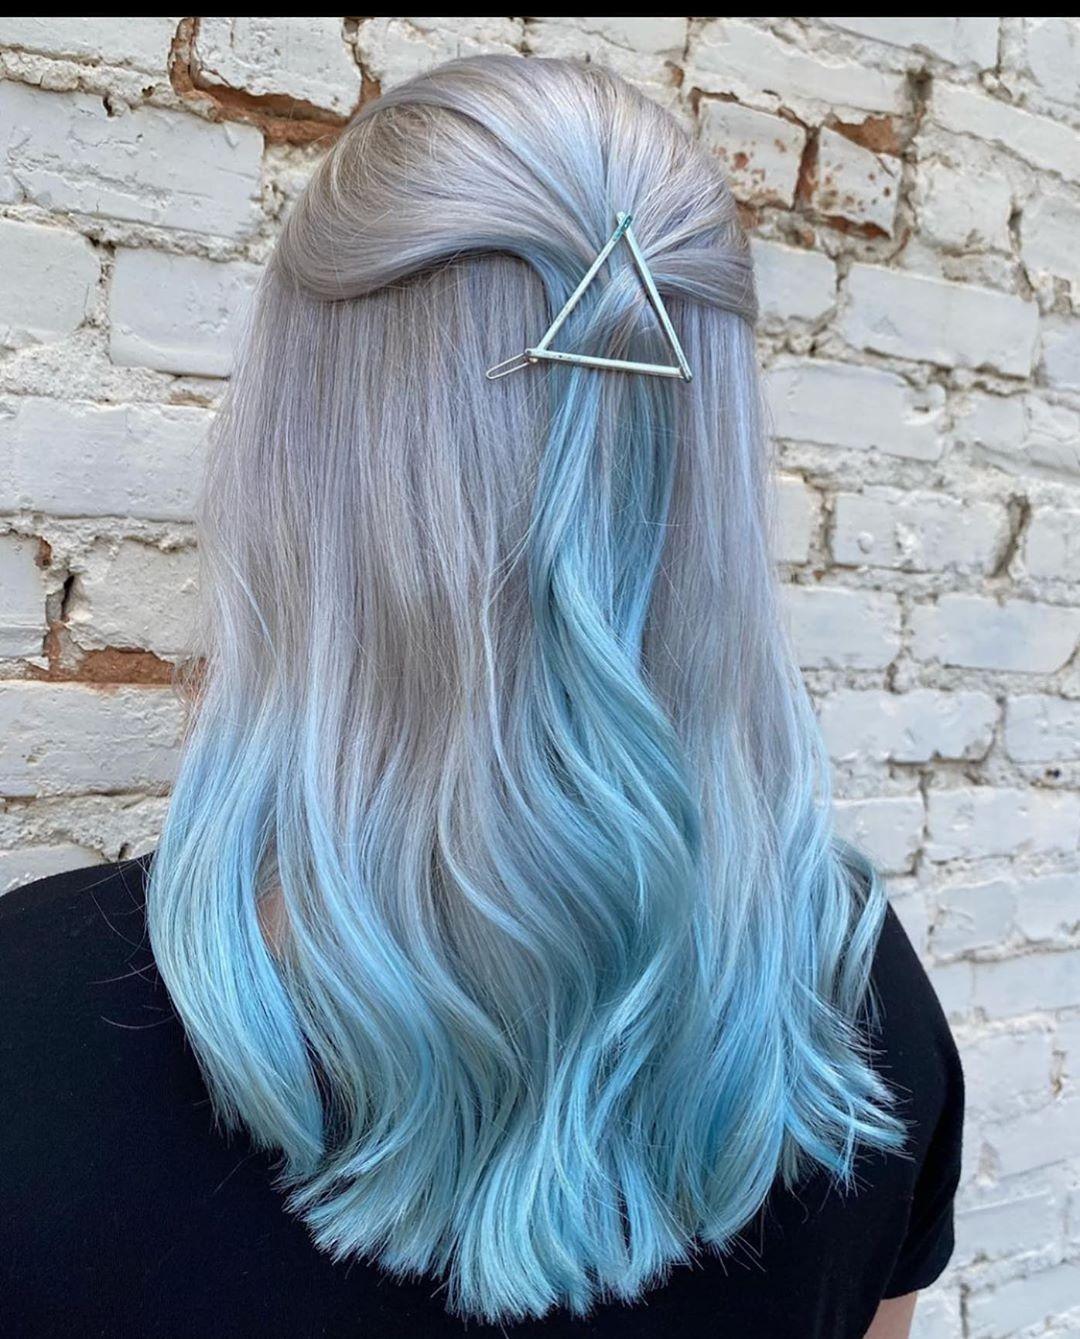 capelli punte colorate